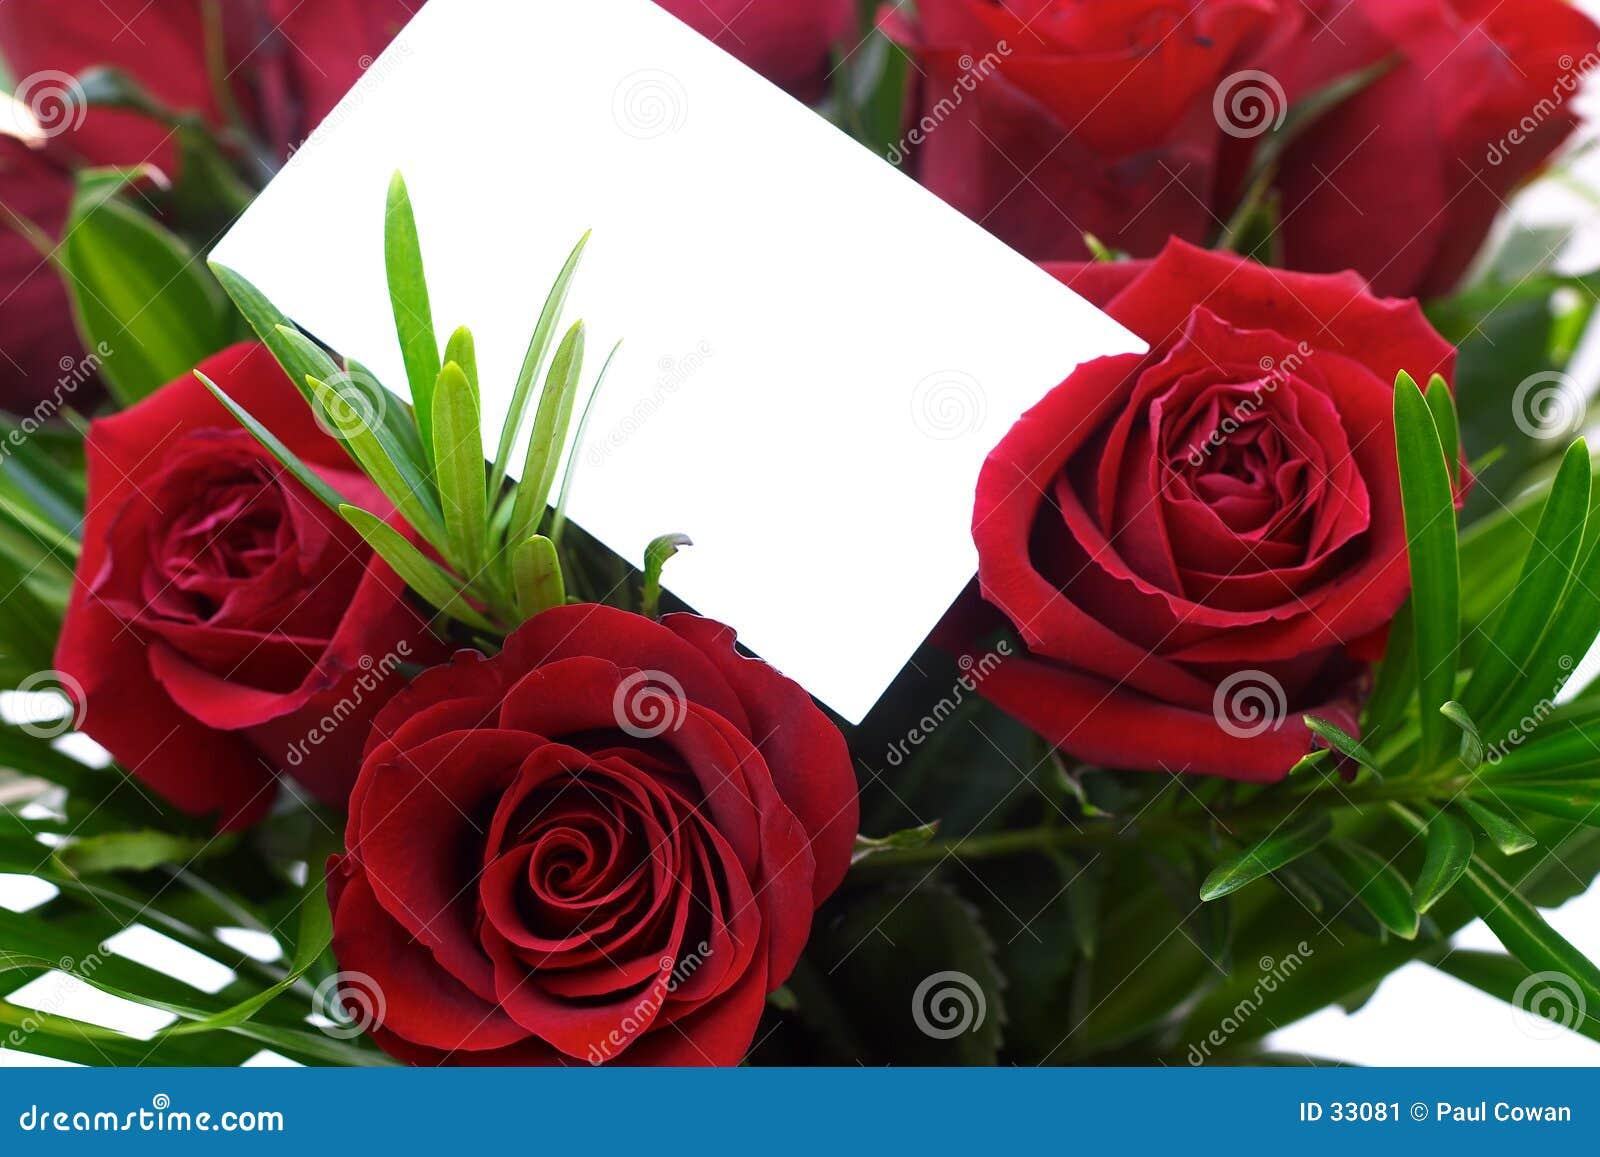 Download El rojo se levantó 5 imagen de archivo. Imagen de blank - 33081